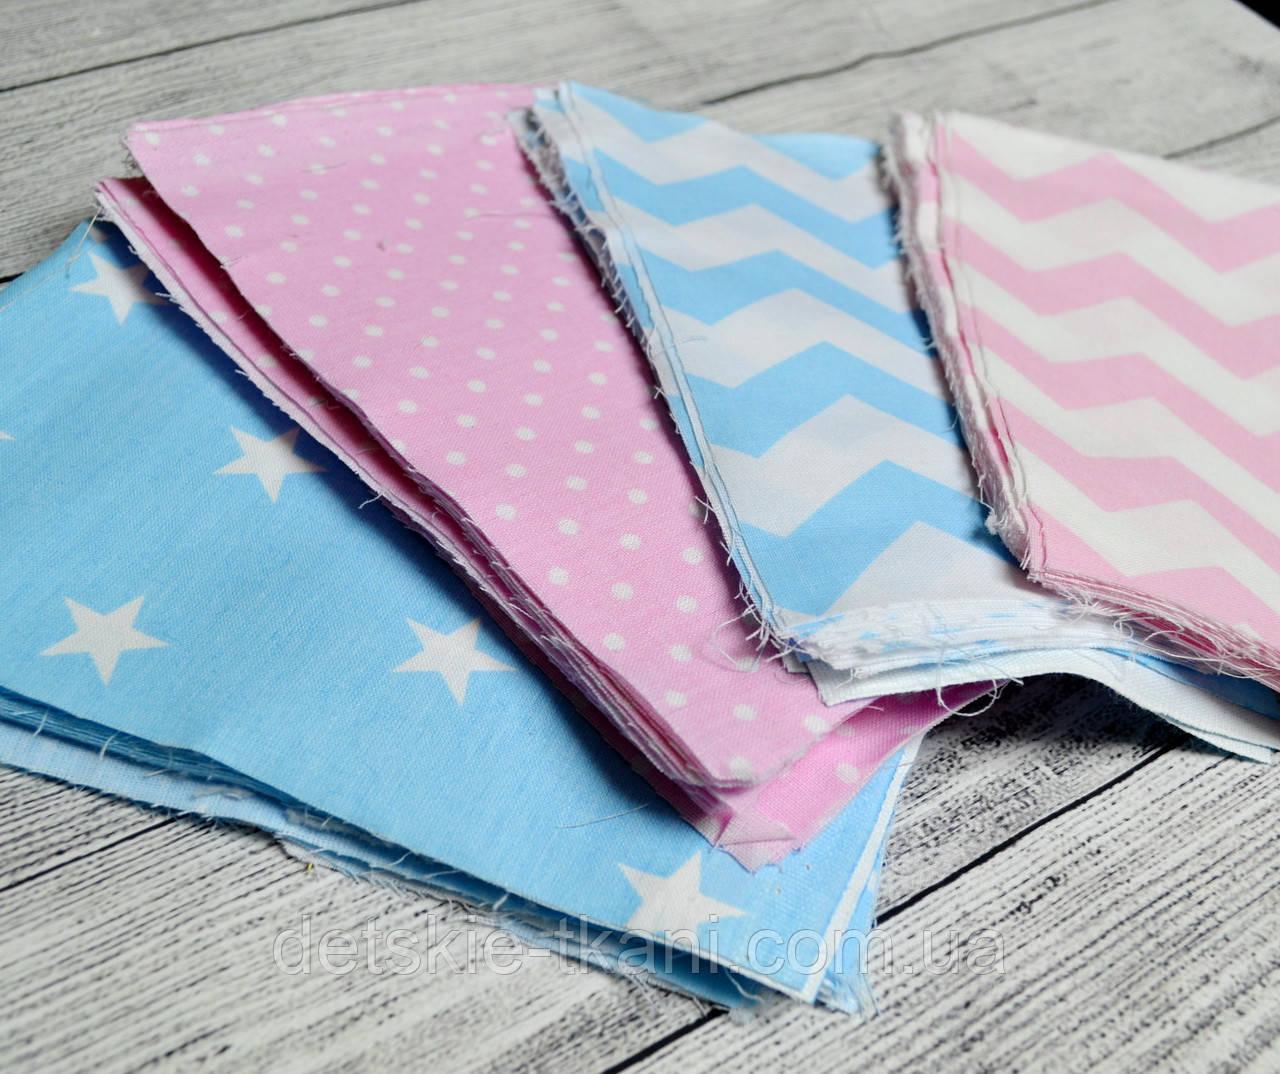 Набор лоскутов тканей для пэчворка розового и голубого цвета, №54